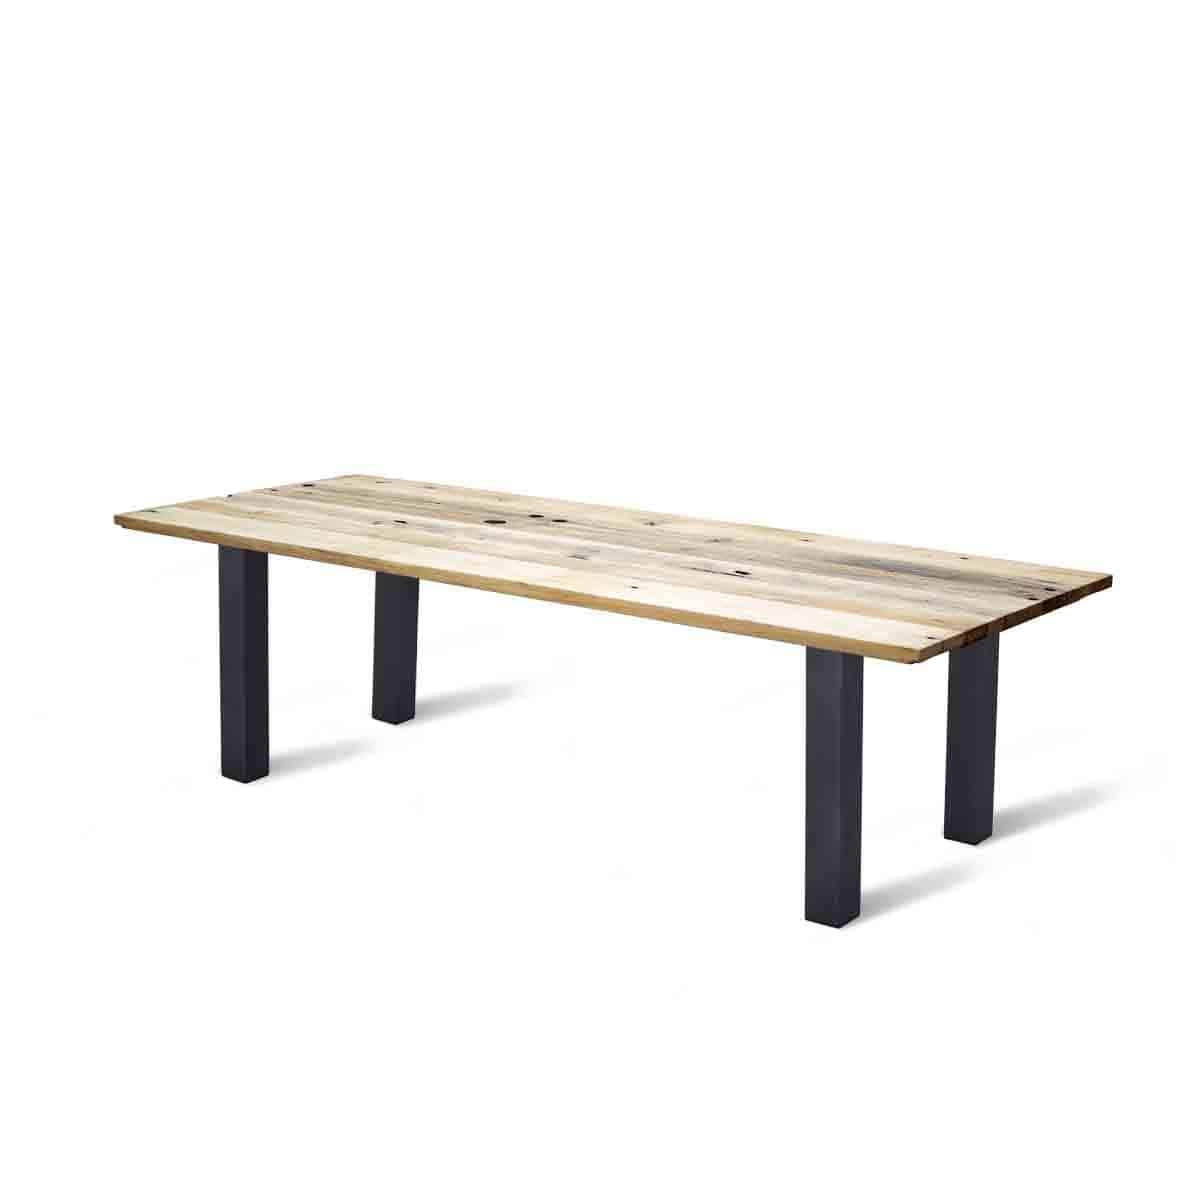 recht massief eiken wagonhout rustiek geleefd tafel eetkamer keuken staal stalen poten onderstel